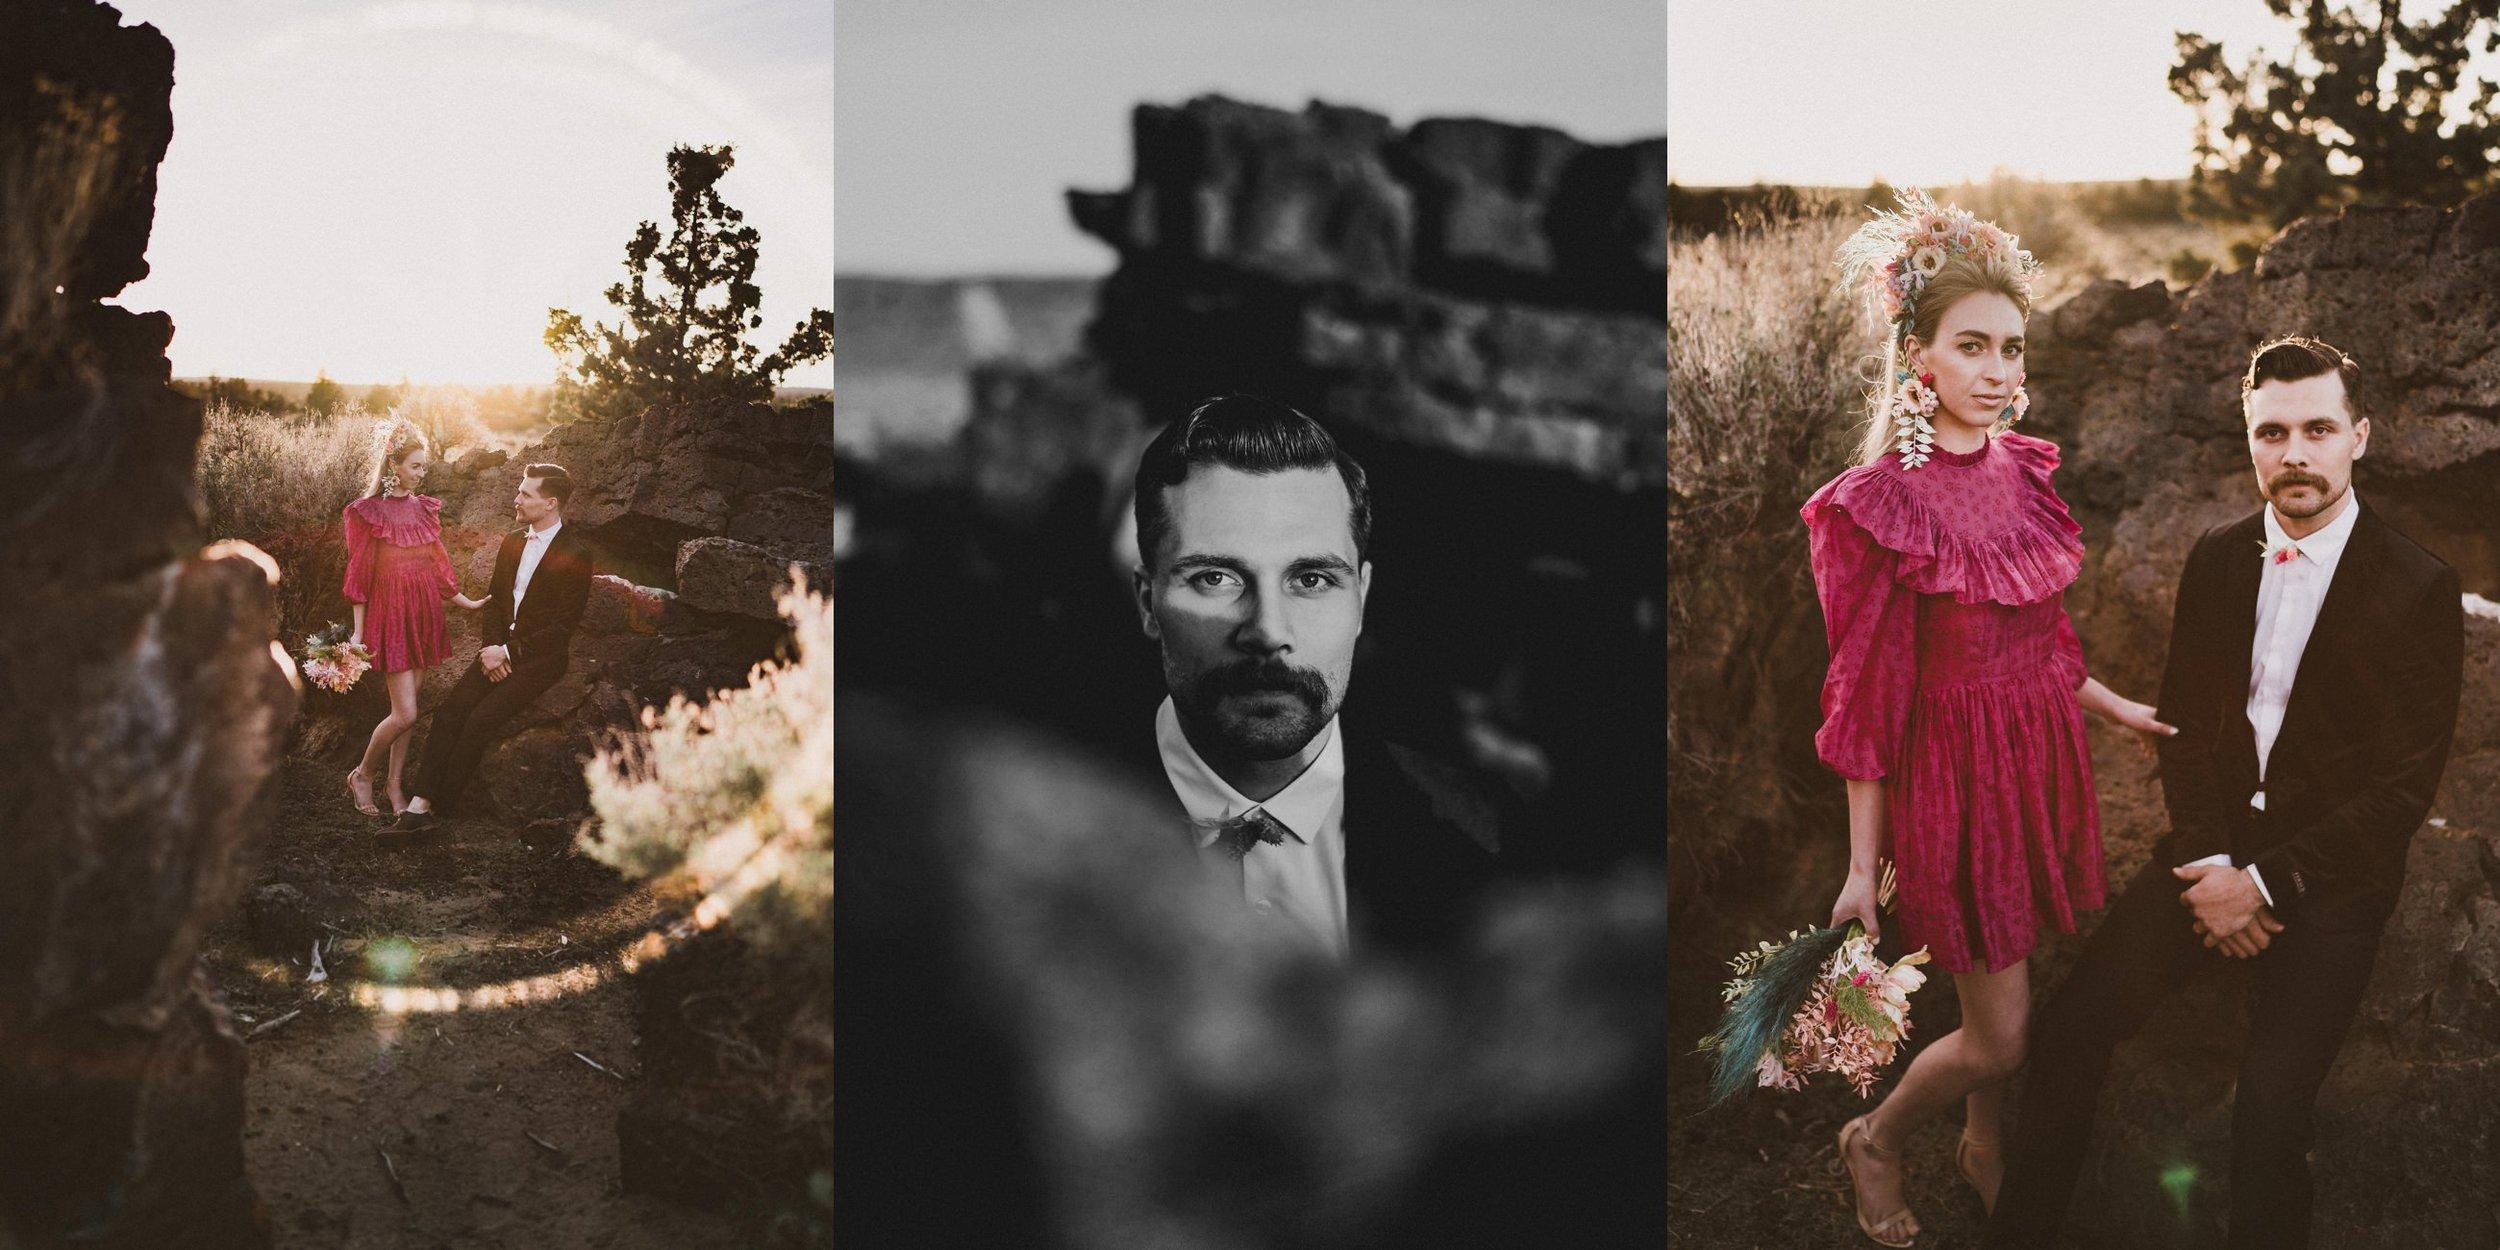 TONY-GAMBINO-PHOTOGRAPHY-BEND-OREGON-WEDDING-SHOOT_1490 Sunset.jpg